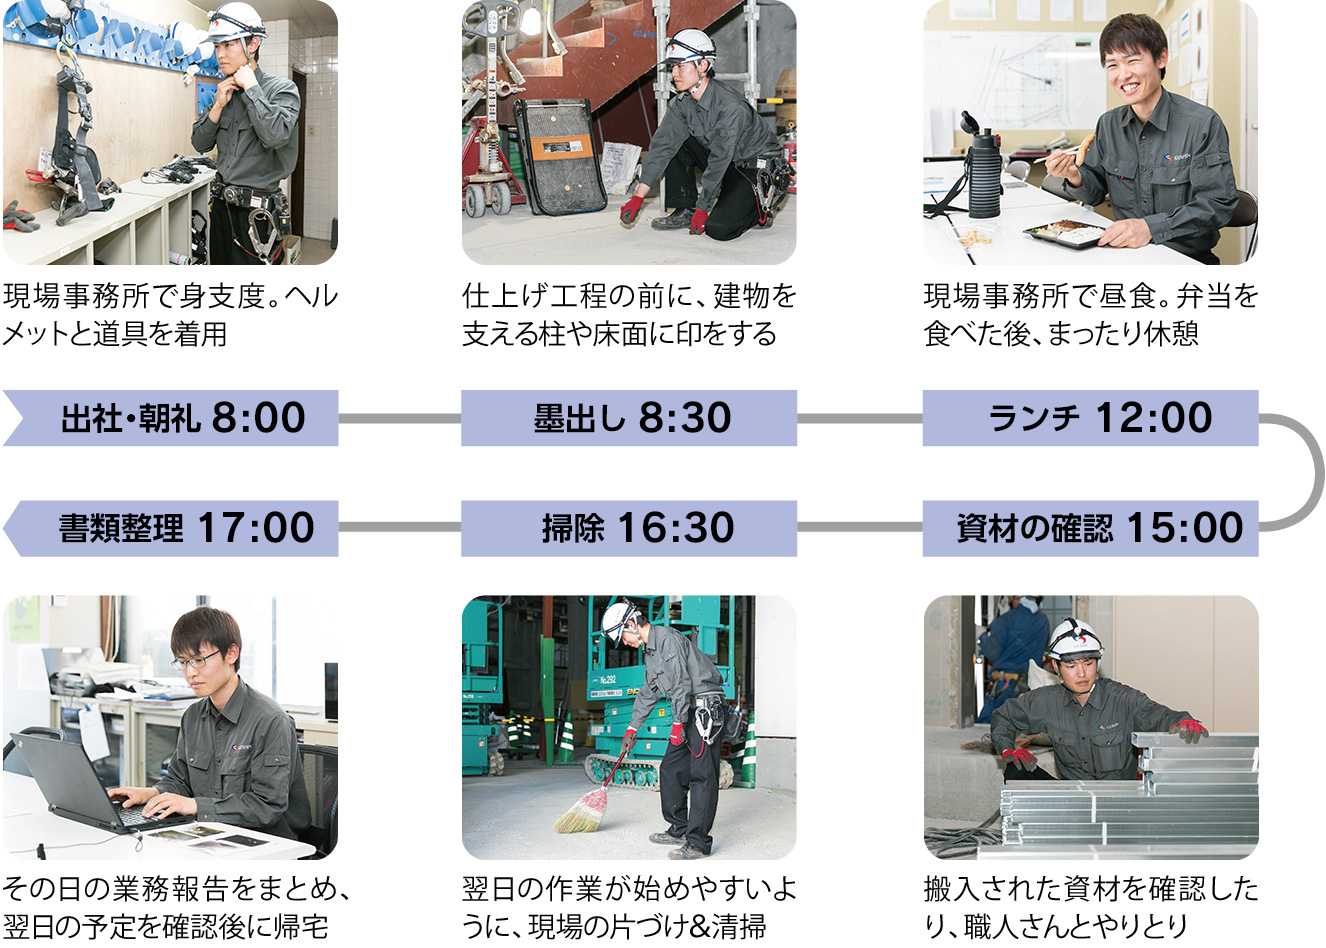 出社・朝礼8:00:現場事務所で身支度。ヘルメットと道具を着用、墨出し8:30:仕上げ工程の前に、建物を支える柱や床面に印をする、ランチ12:00:現場事務所で昼食。弁当を食べた後、まったり休憩、資材の確認15:00:搬入された資材を確認したり、職人さんとやりとり、掃除16:30:翌日の作業が始めやすいように、現場の片づけ&清掃